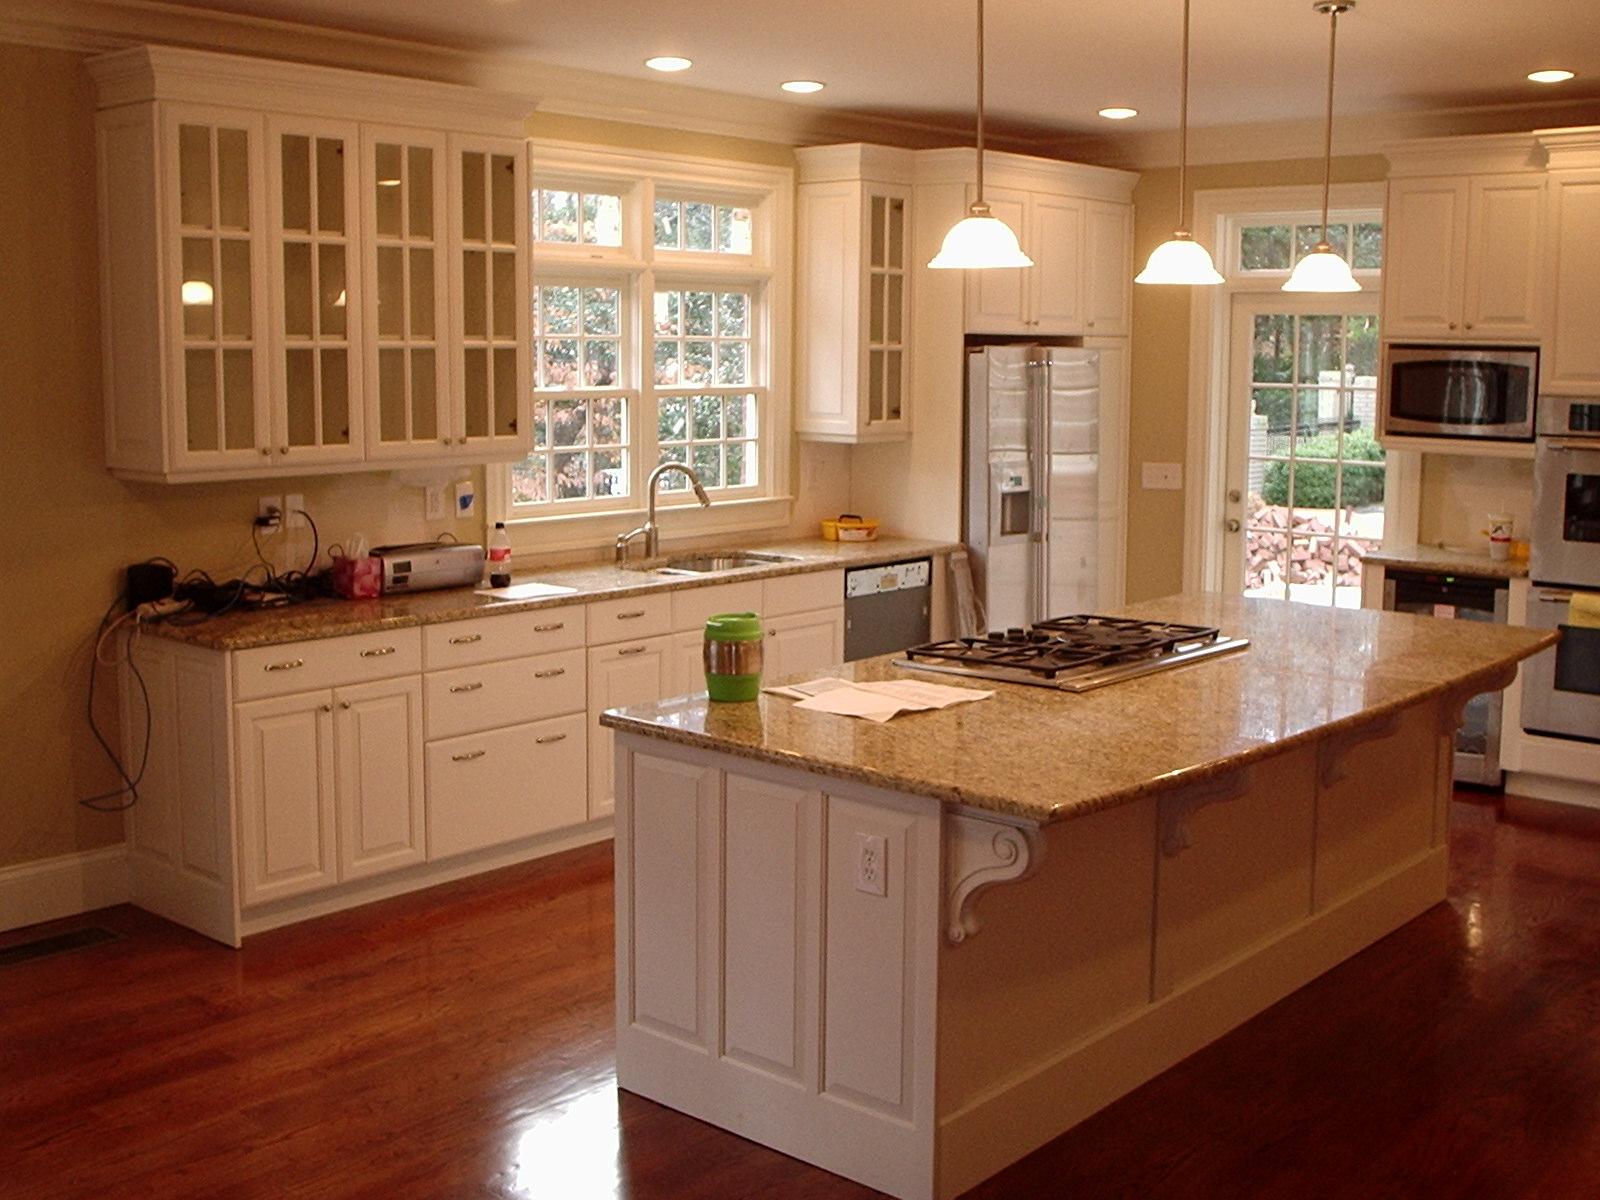 Solid wood kitchen island photo - 2